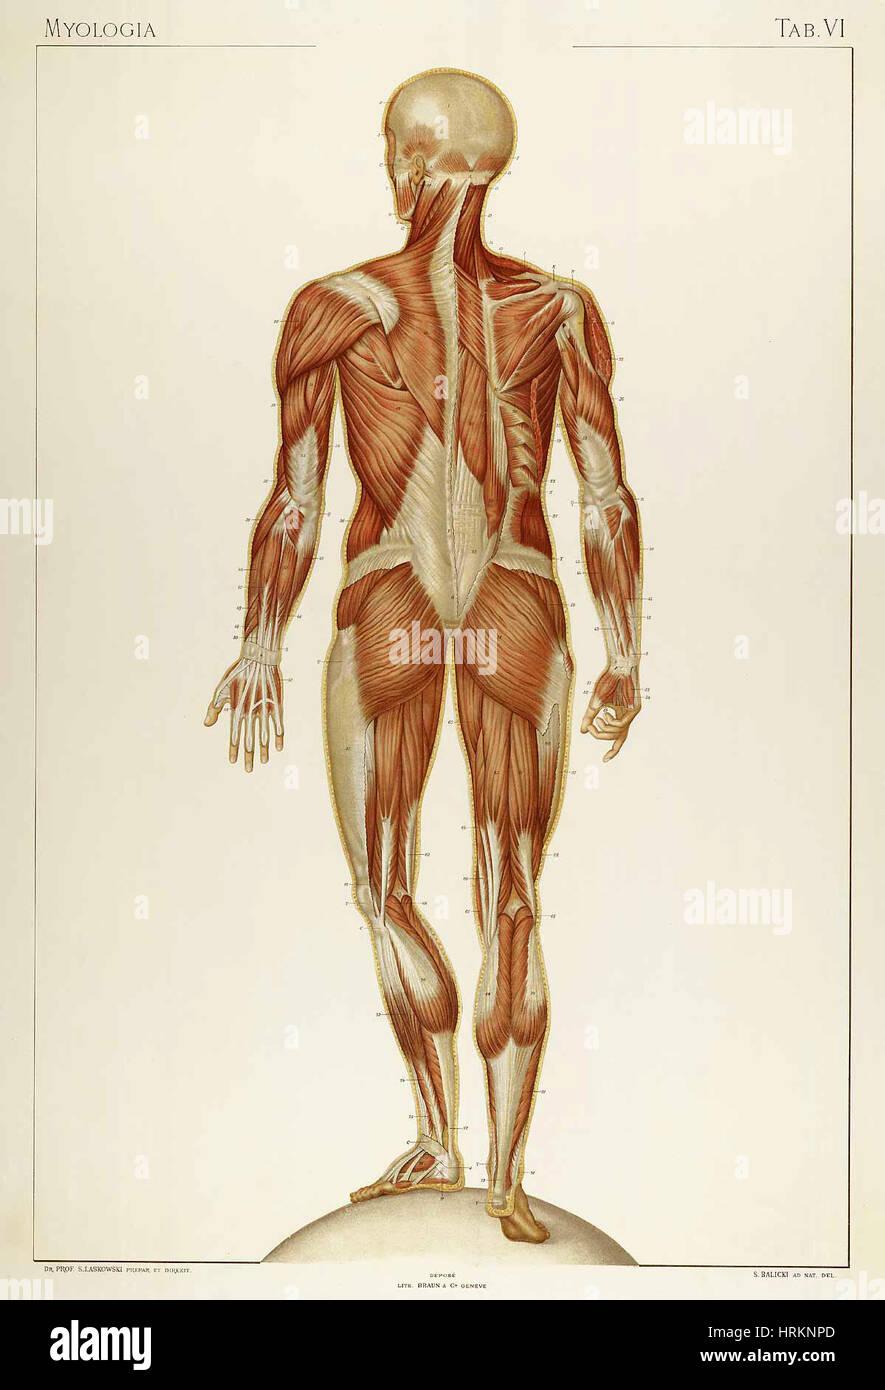 Histórico de la ilustración anatómica Imagen De Stock